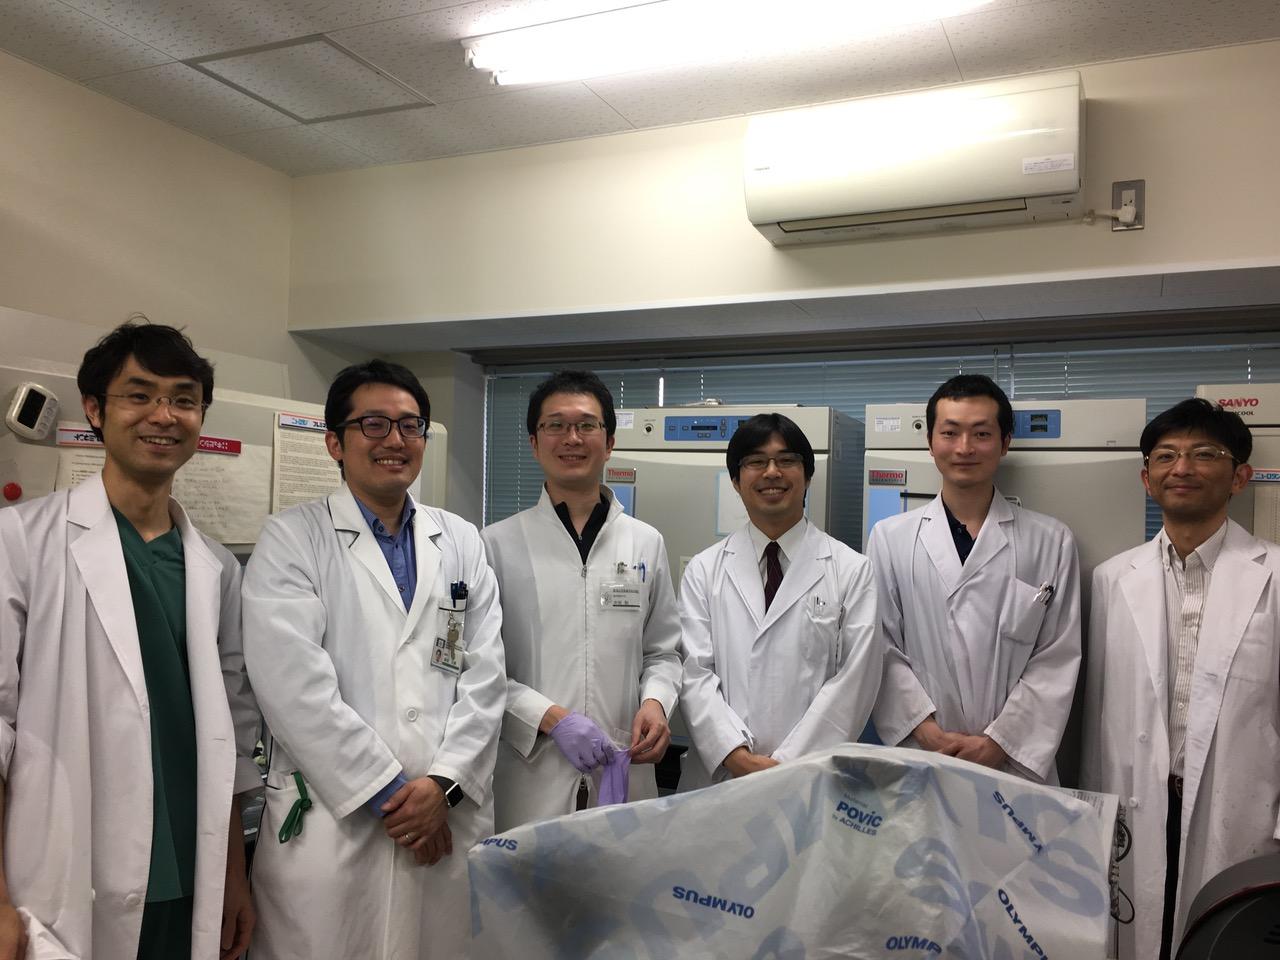 「中田先生とラボにて(中田先生は左から3番目)」